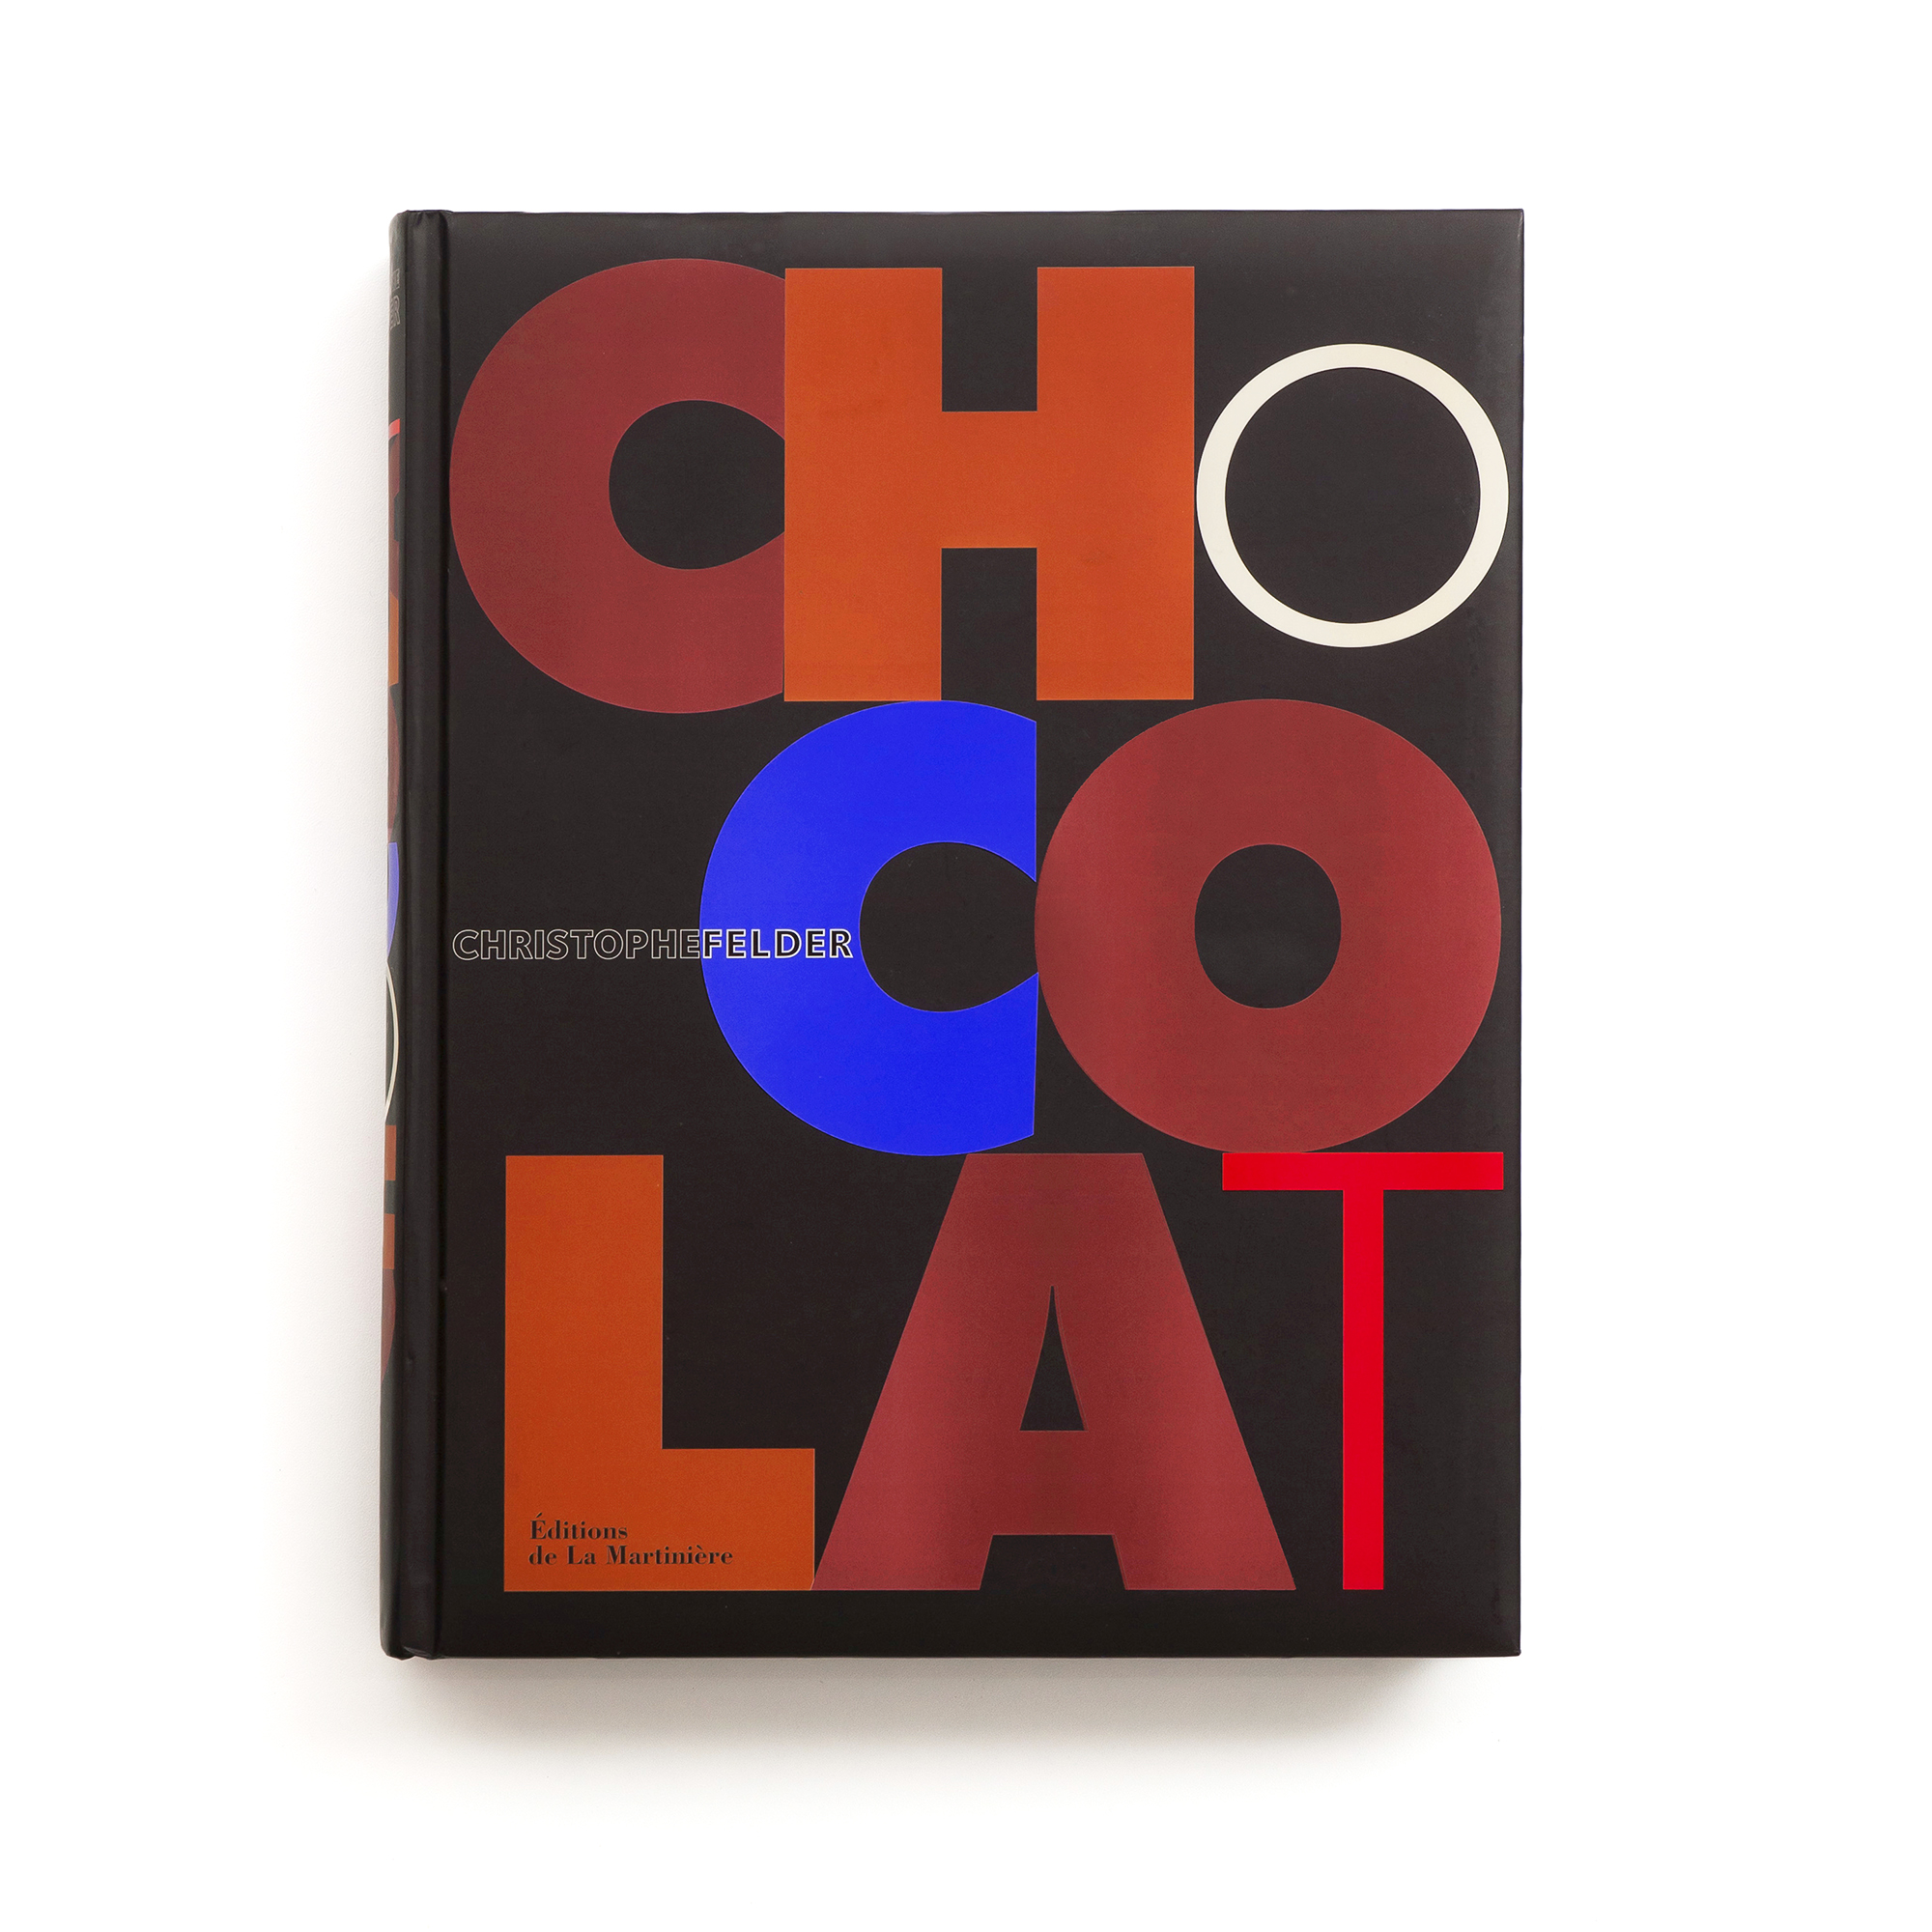 Chocolat   Christophe Felder  Éditions de La Martinière 448 pages